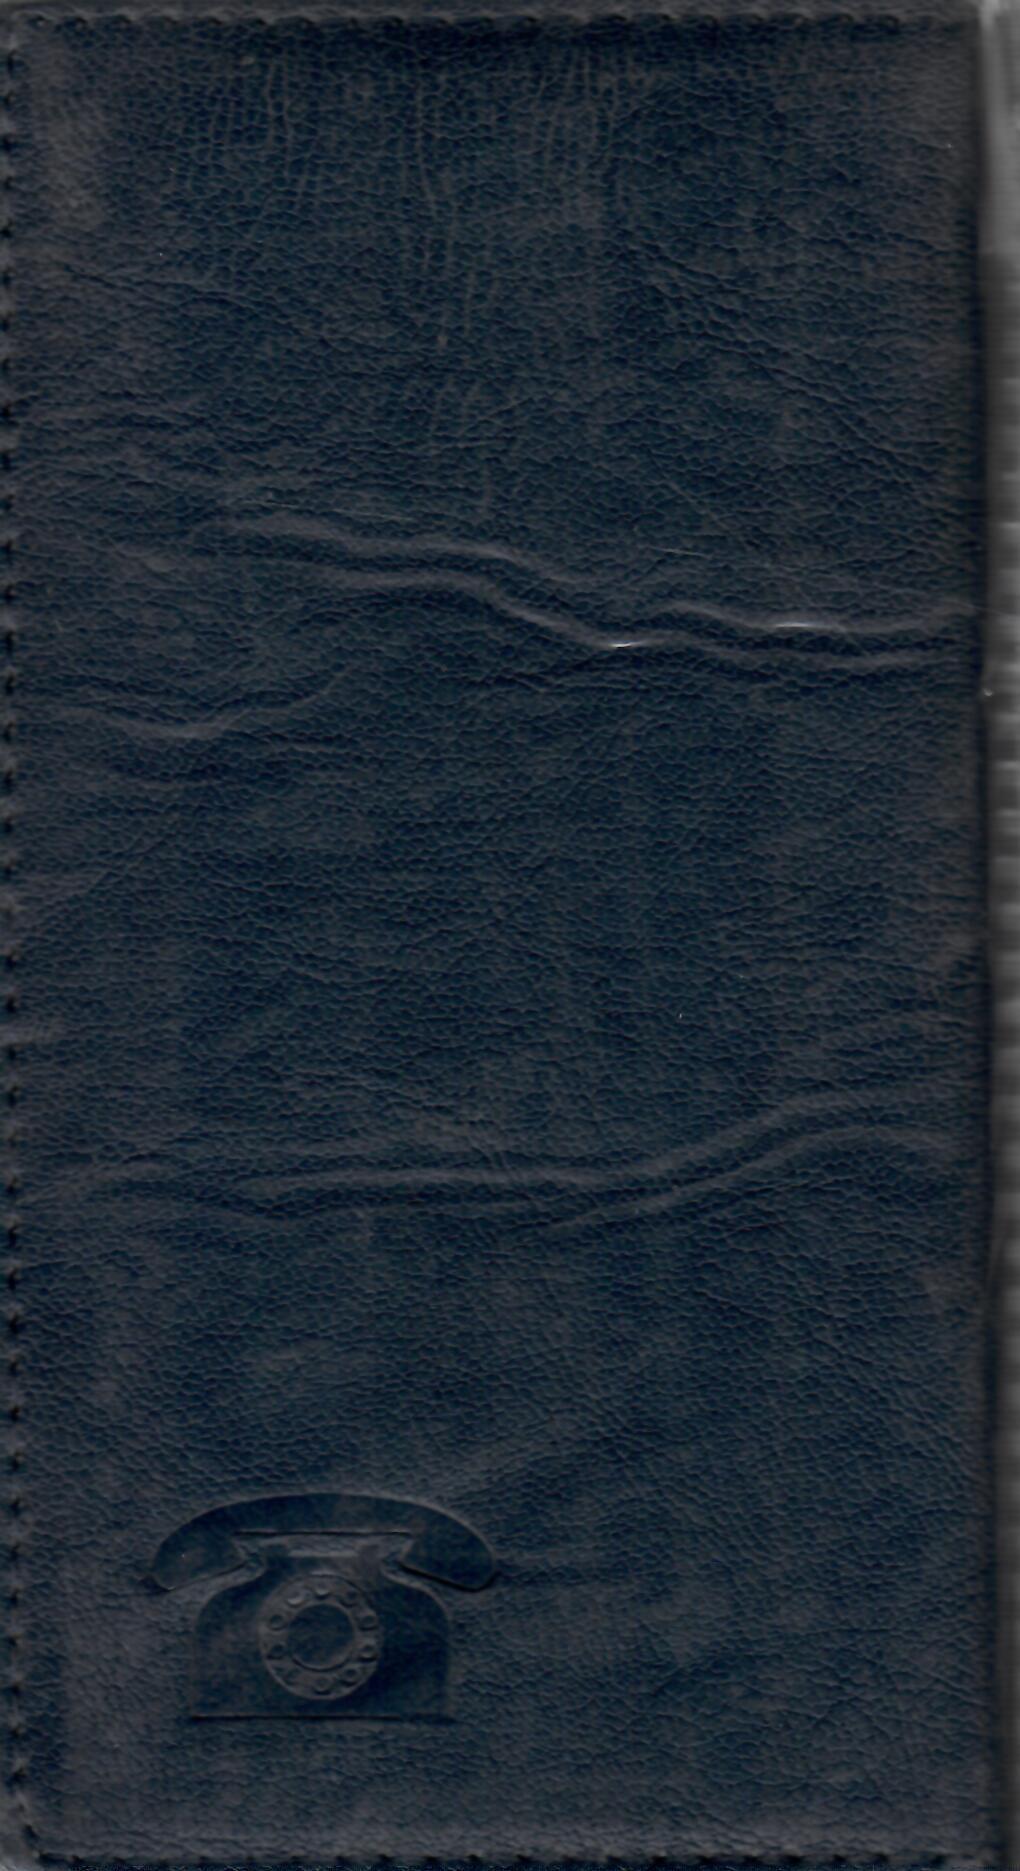 دفتر تلفن(پالتويي-چرم)-کد51058